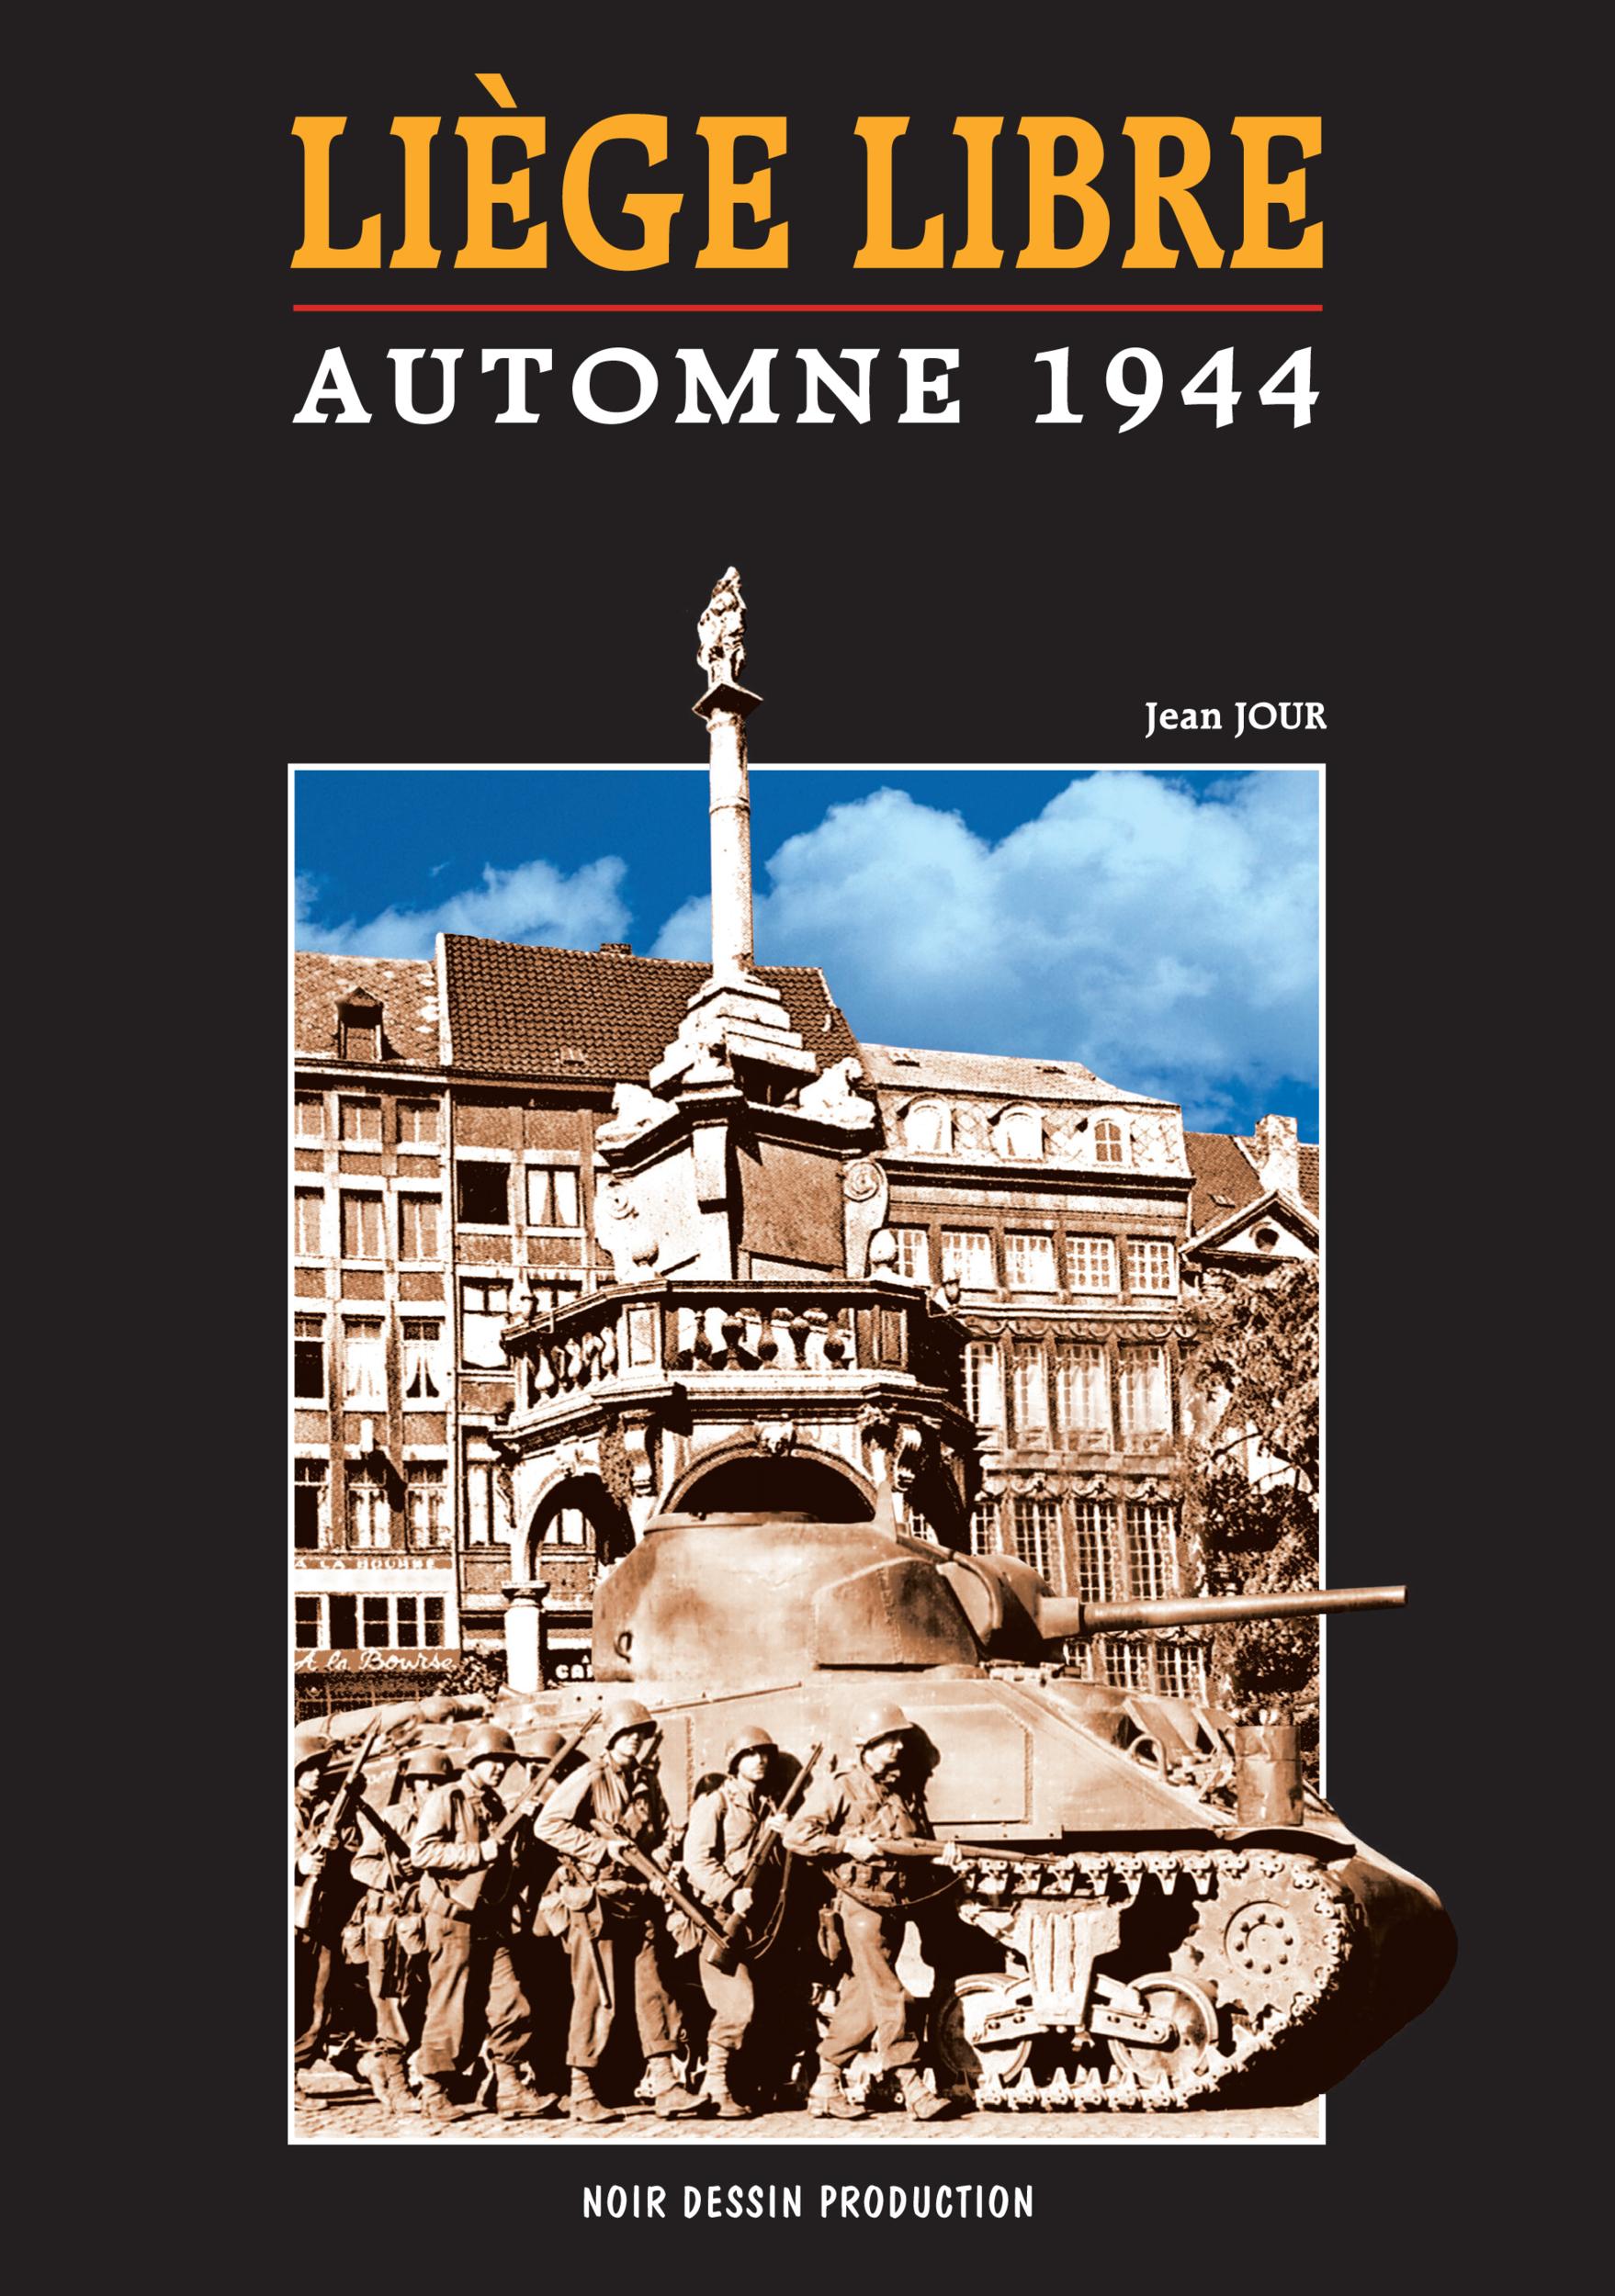 liege libre-1944-imposition